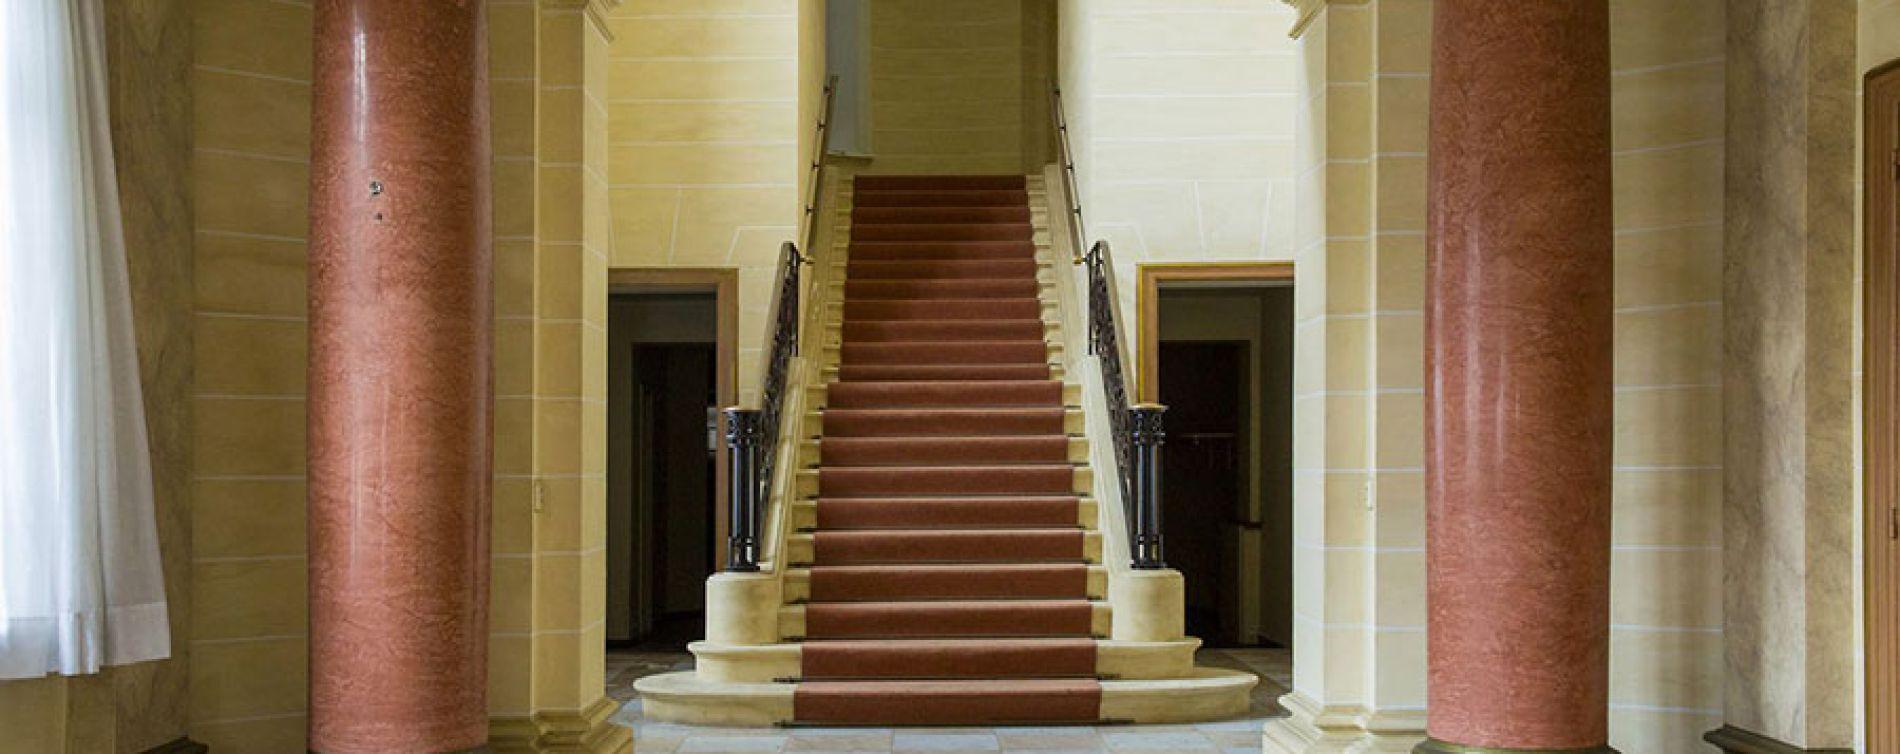 Résidence Hôtel d'Avelin à Lille